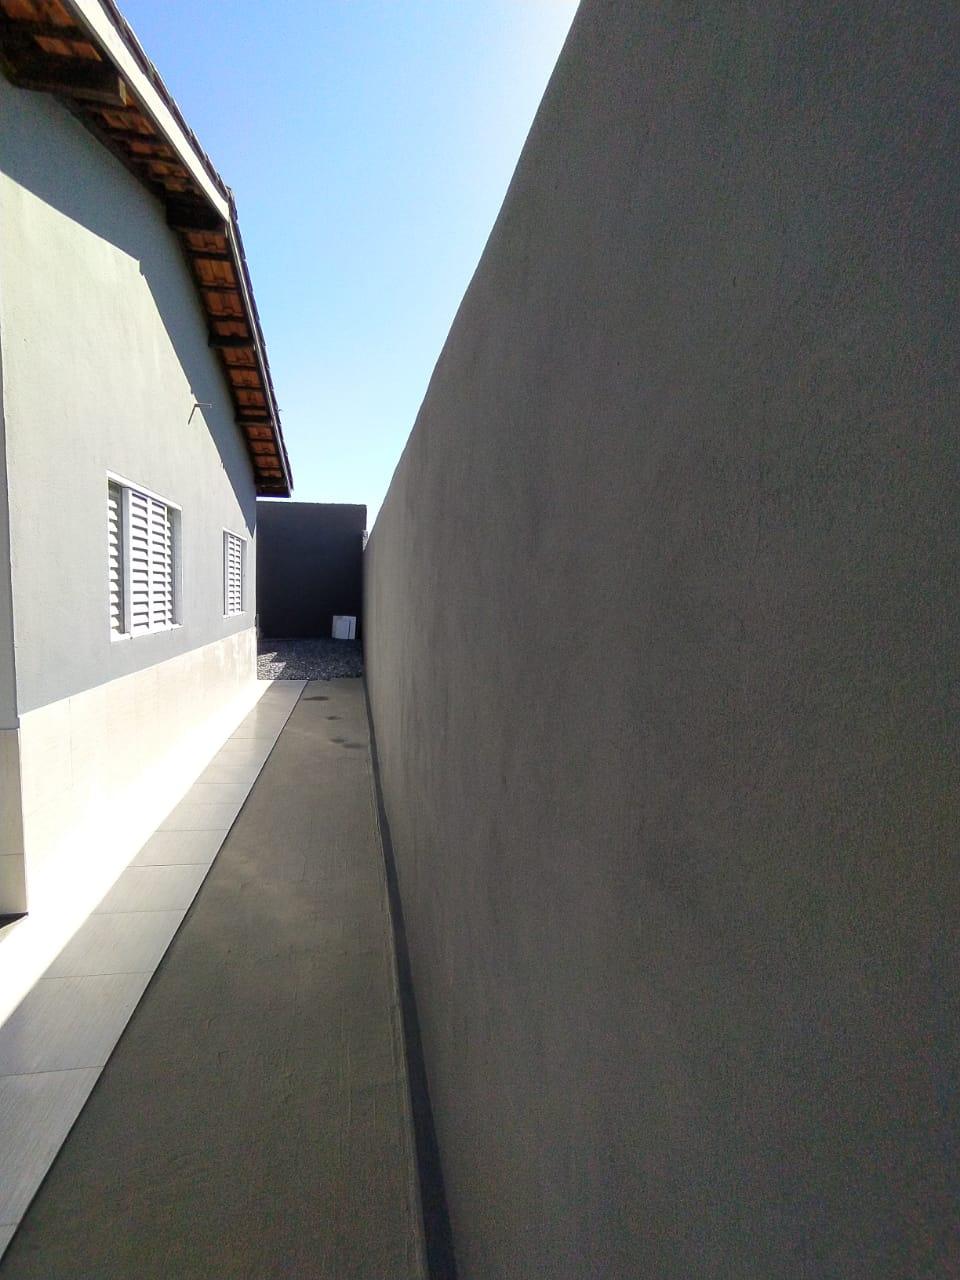 Casa  com 2 quartos sendo 1 Suíte no Parque Nova Esperança, Cuiabá  - MT